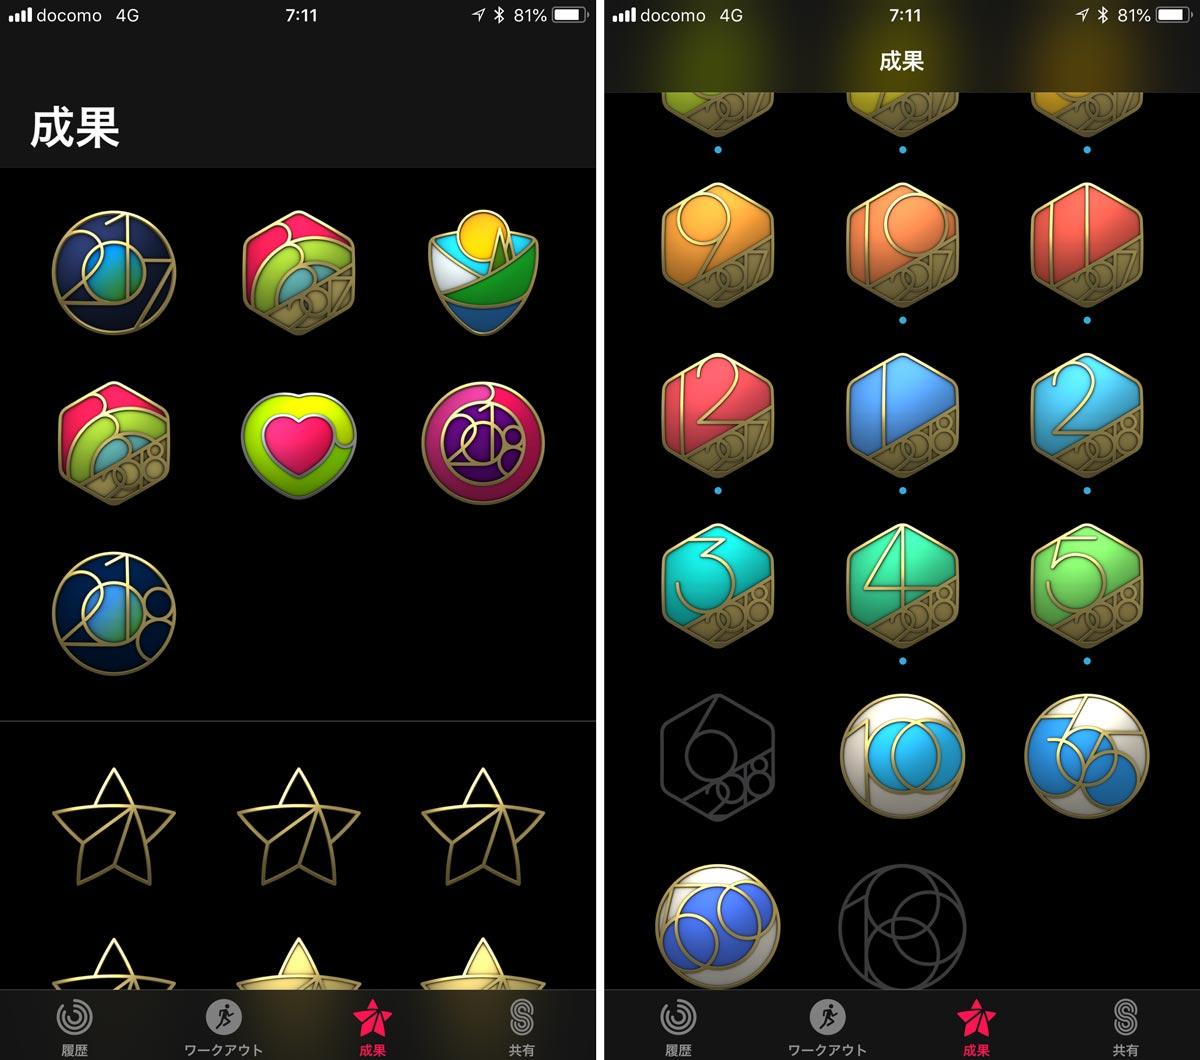 iOS12でのアクティビティアプリの「バッジ」画面のレイアウトが変更!増え続けるバッジが見やすく